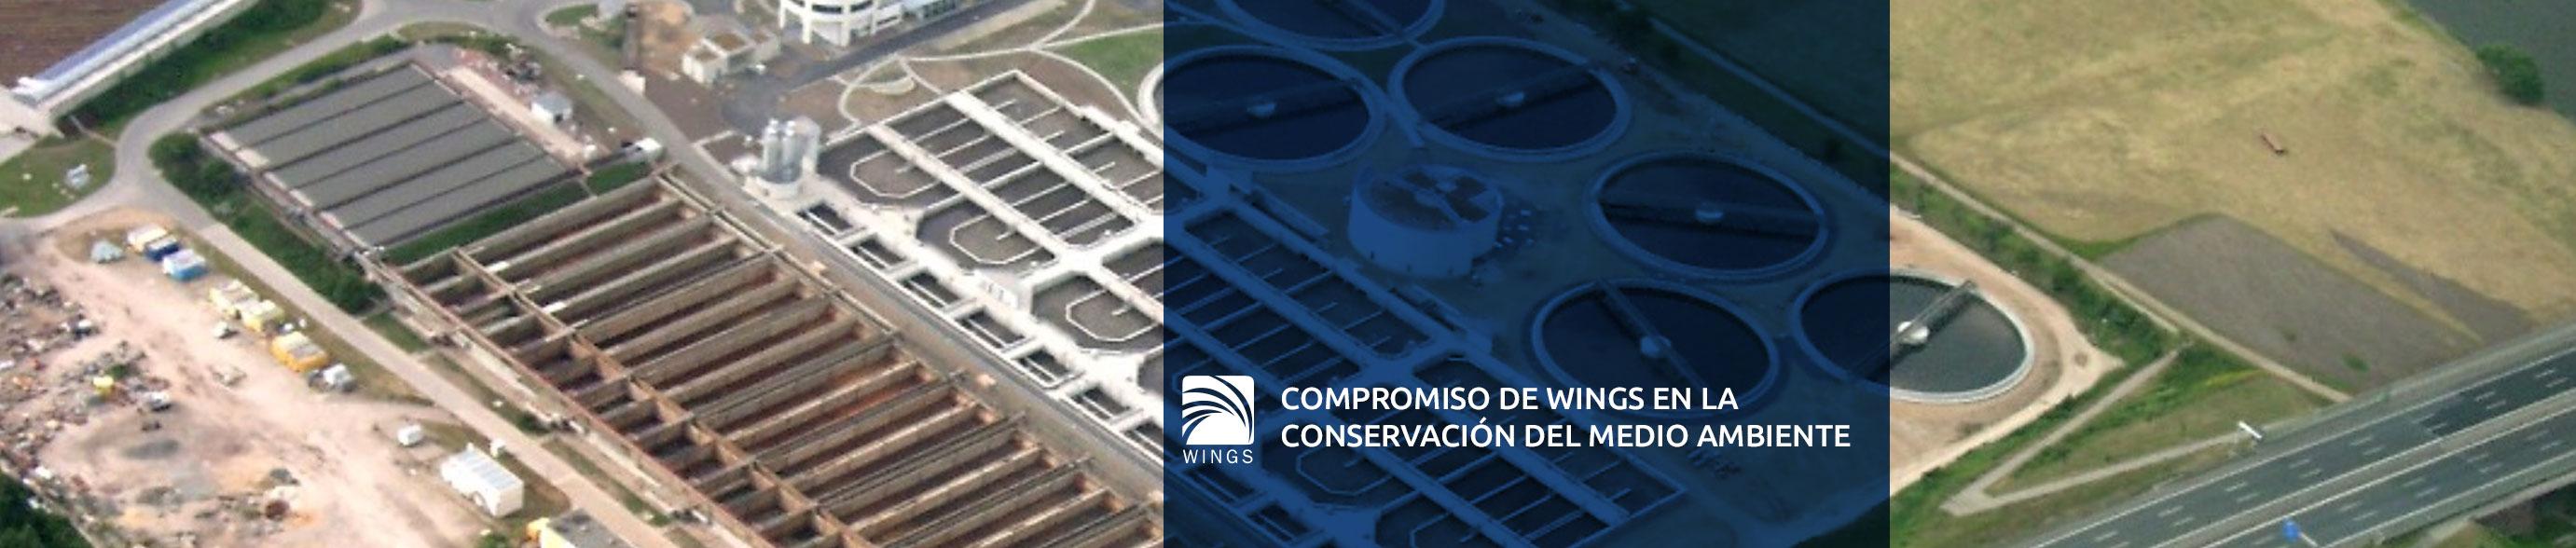 conservacionmedioambiente